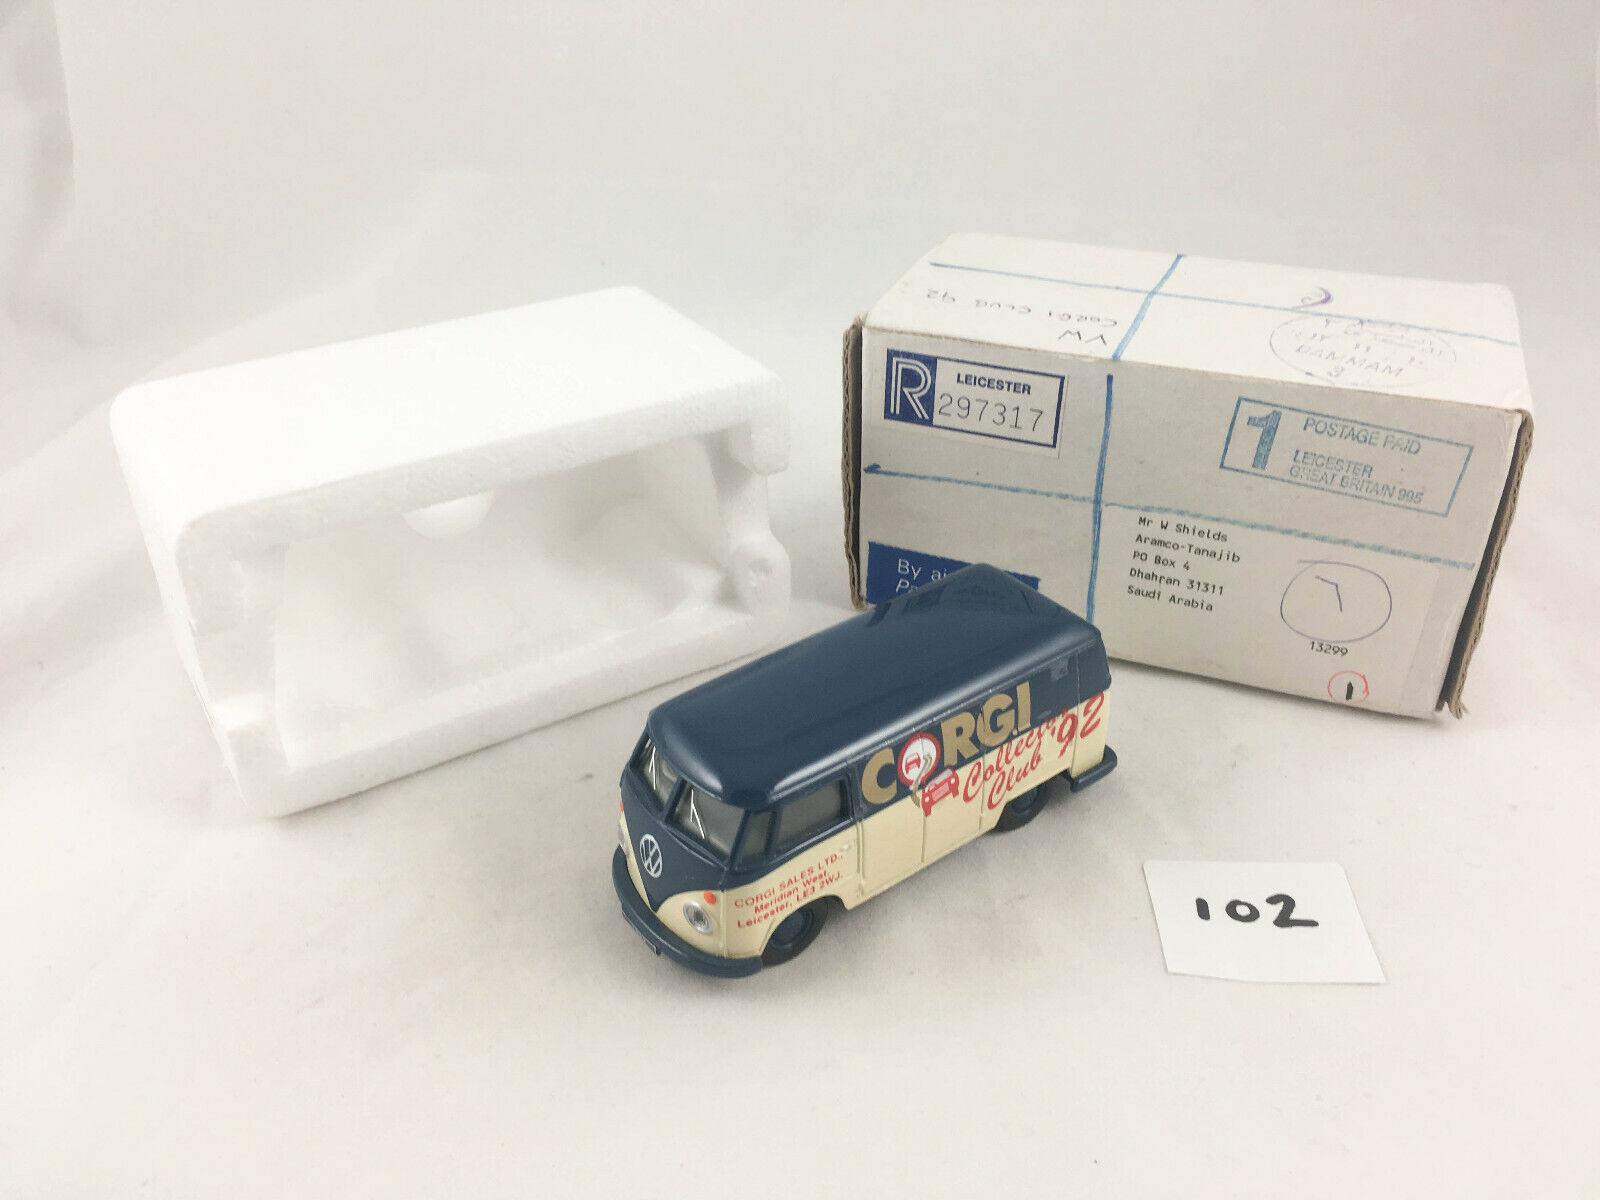 RARE 1992 CORGI CLASSICS COLLECTORS CLUB VW T1 VAN MODEL DIECAST LIMITED EDITION